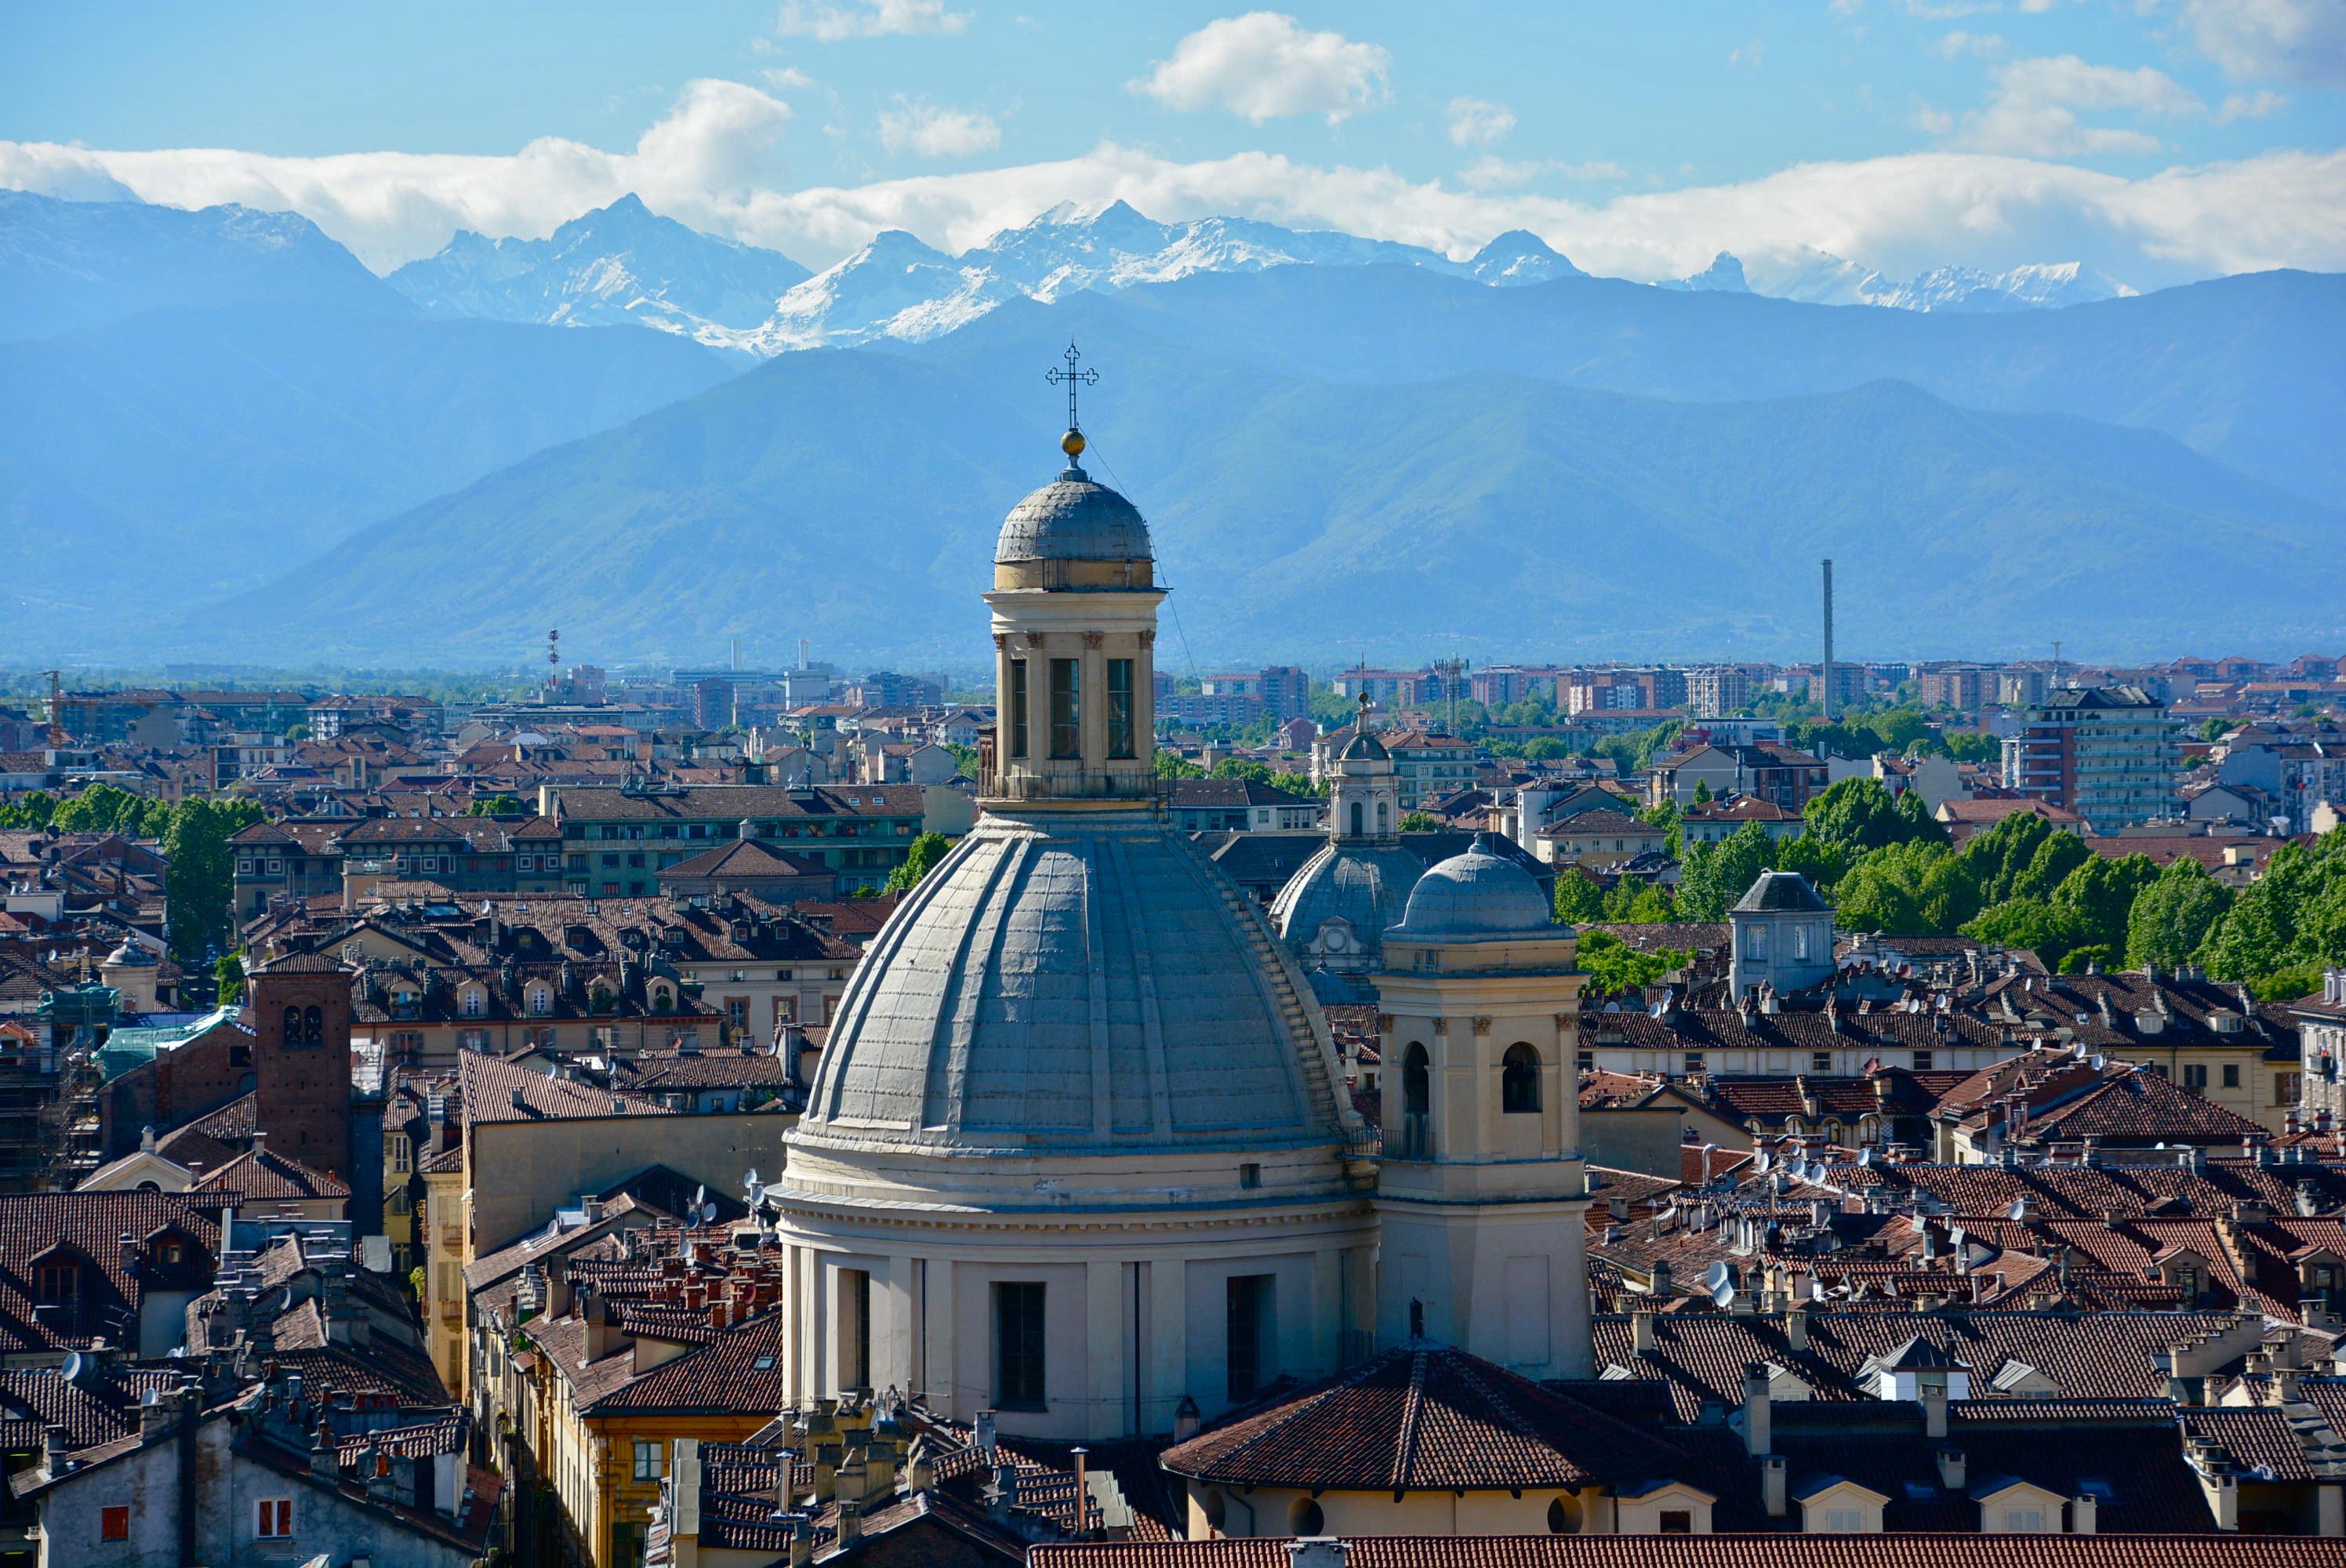 Turim-é-uma-das-melhores-cidades-para-estuar-na-Itália